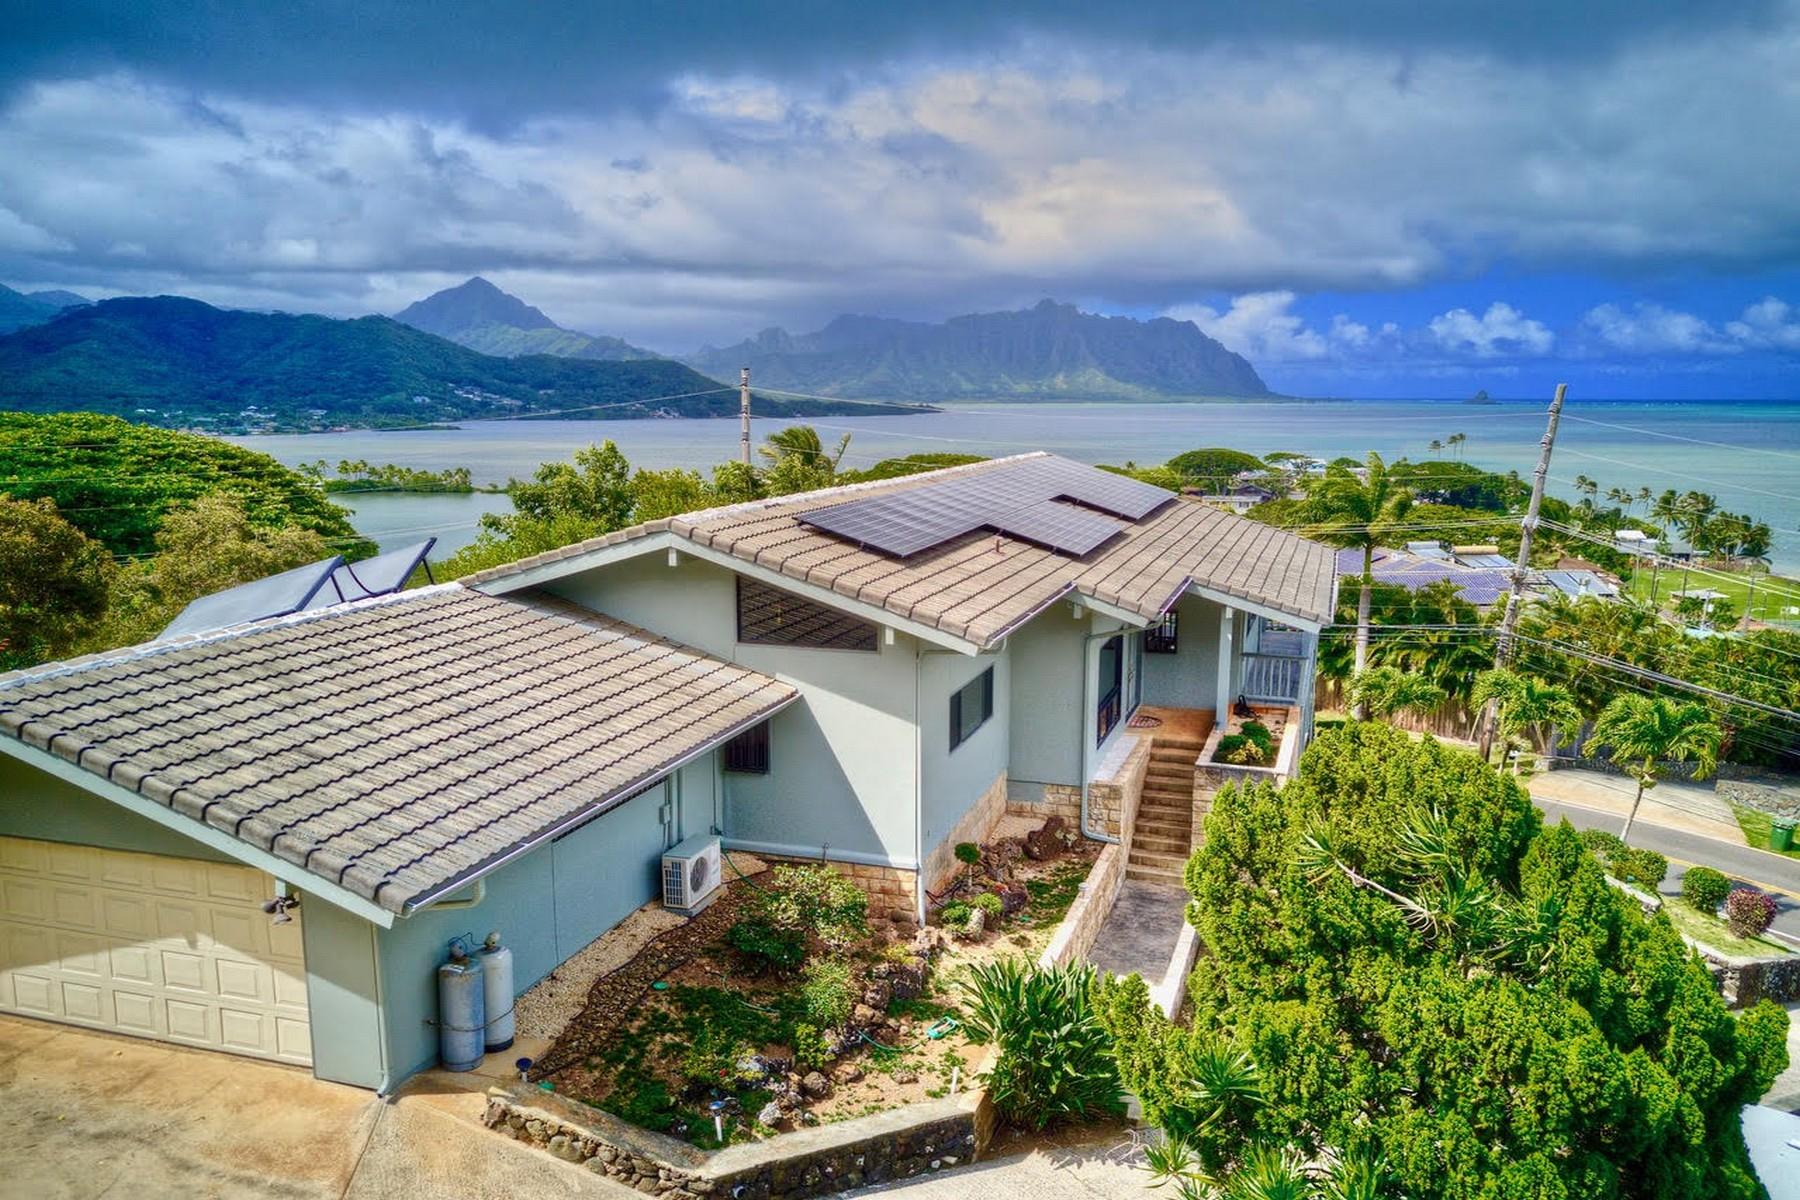 Single Family Homes för Försäljning vid Tranquil Hillside Home 47-446 Lulani St, Kaneohe, Hawaii 96744 Förenta staterna